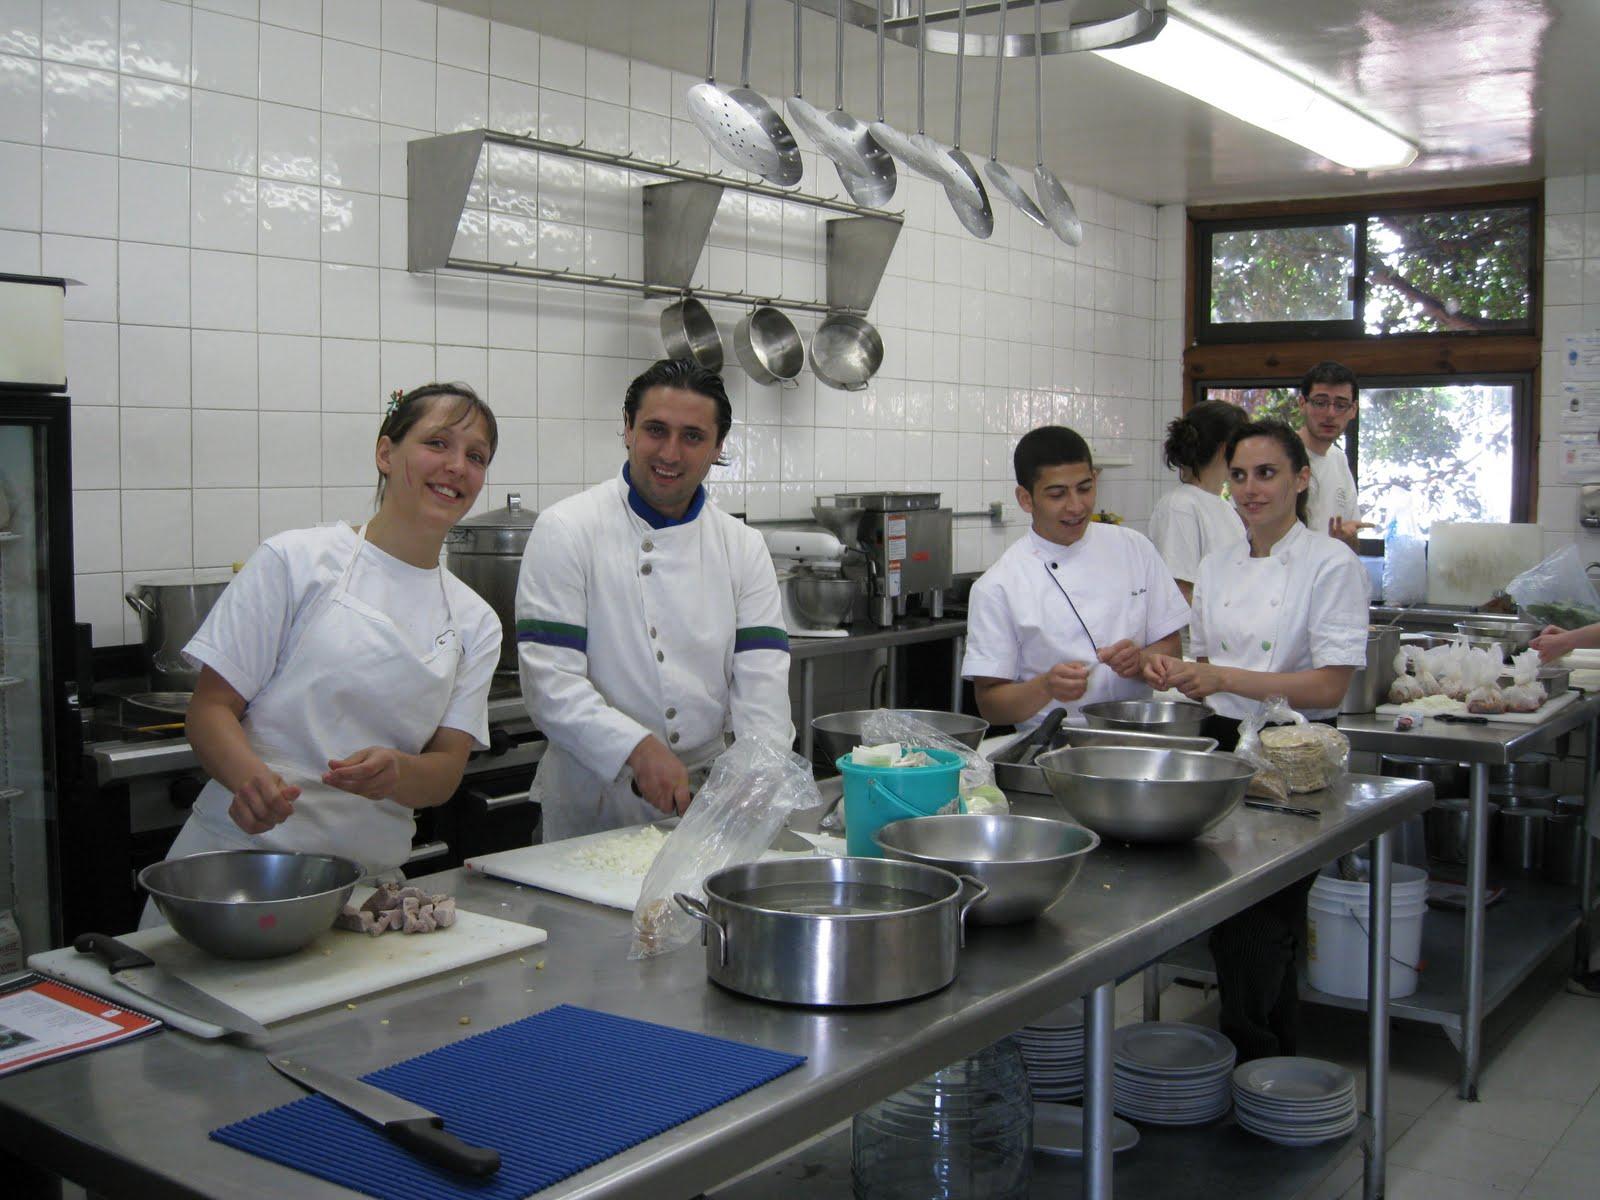 Ebp mexique 2010 cours de cuisine mexicaine boulangerie for Cuisine mexicaine